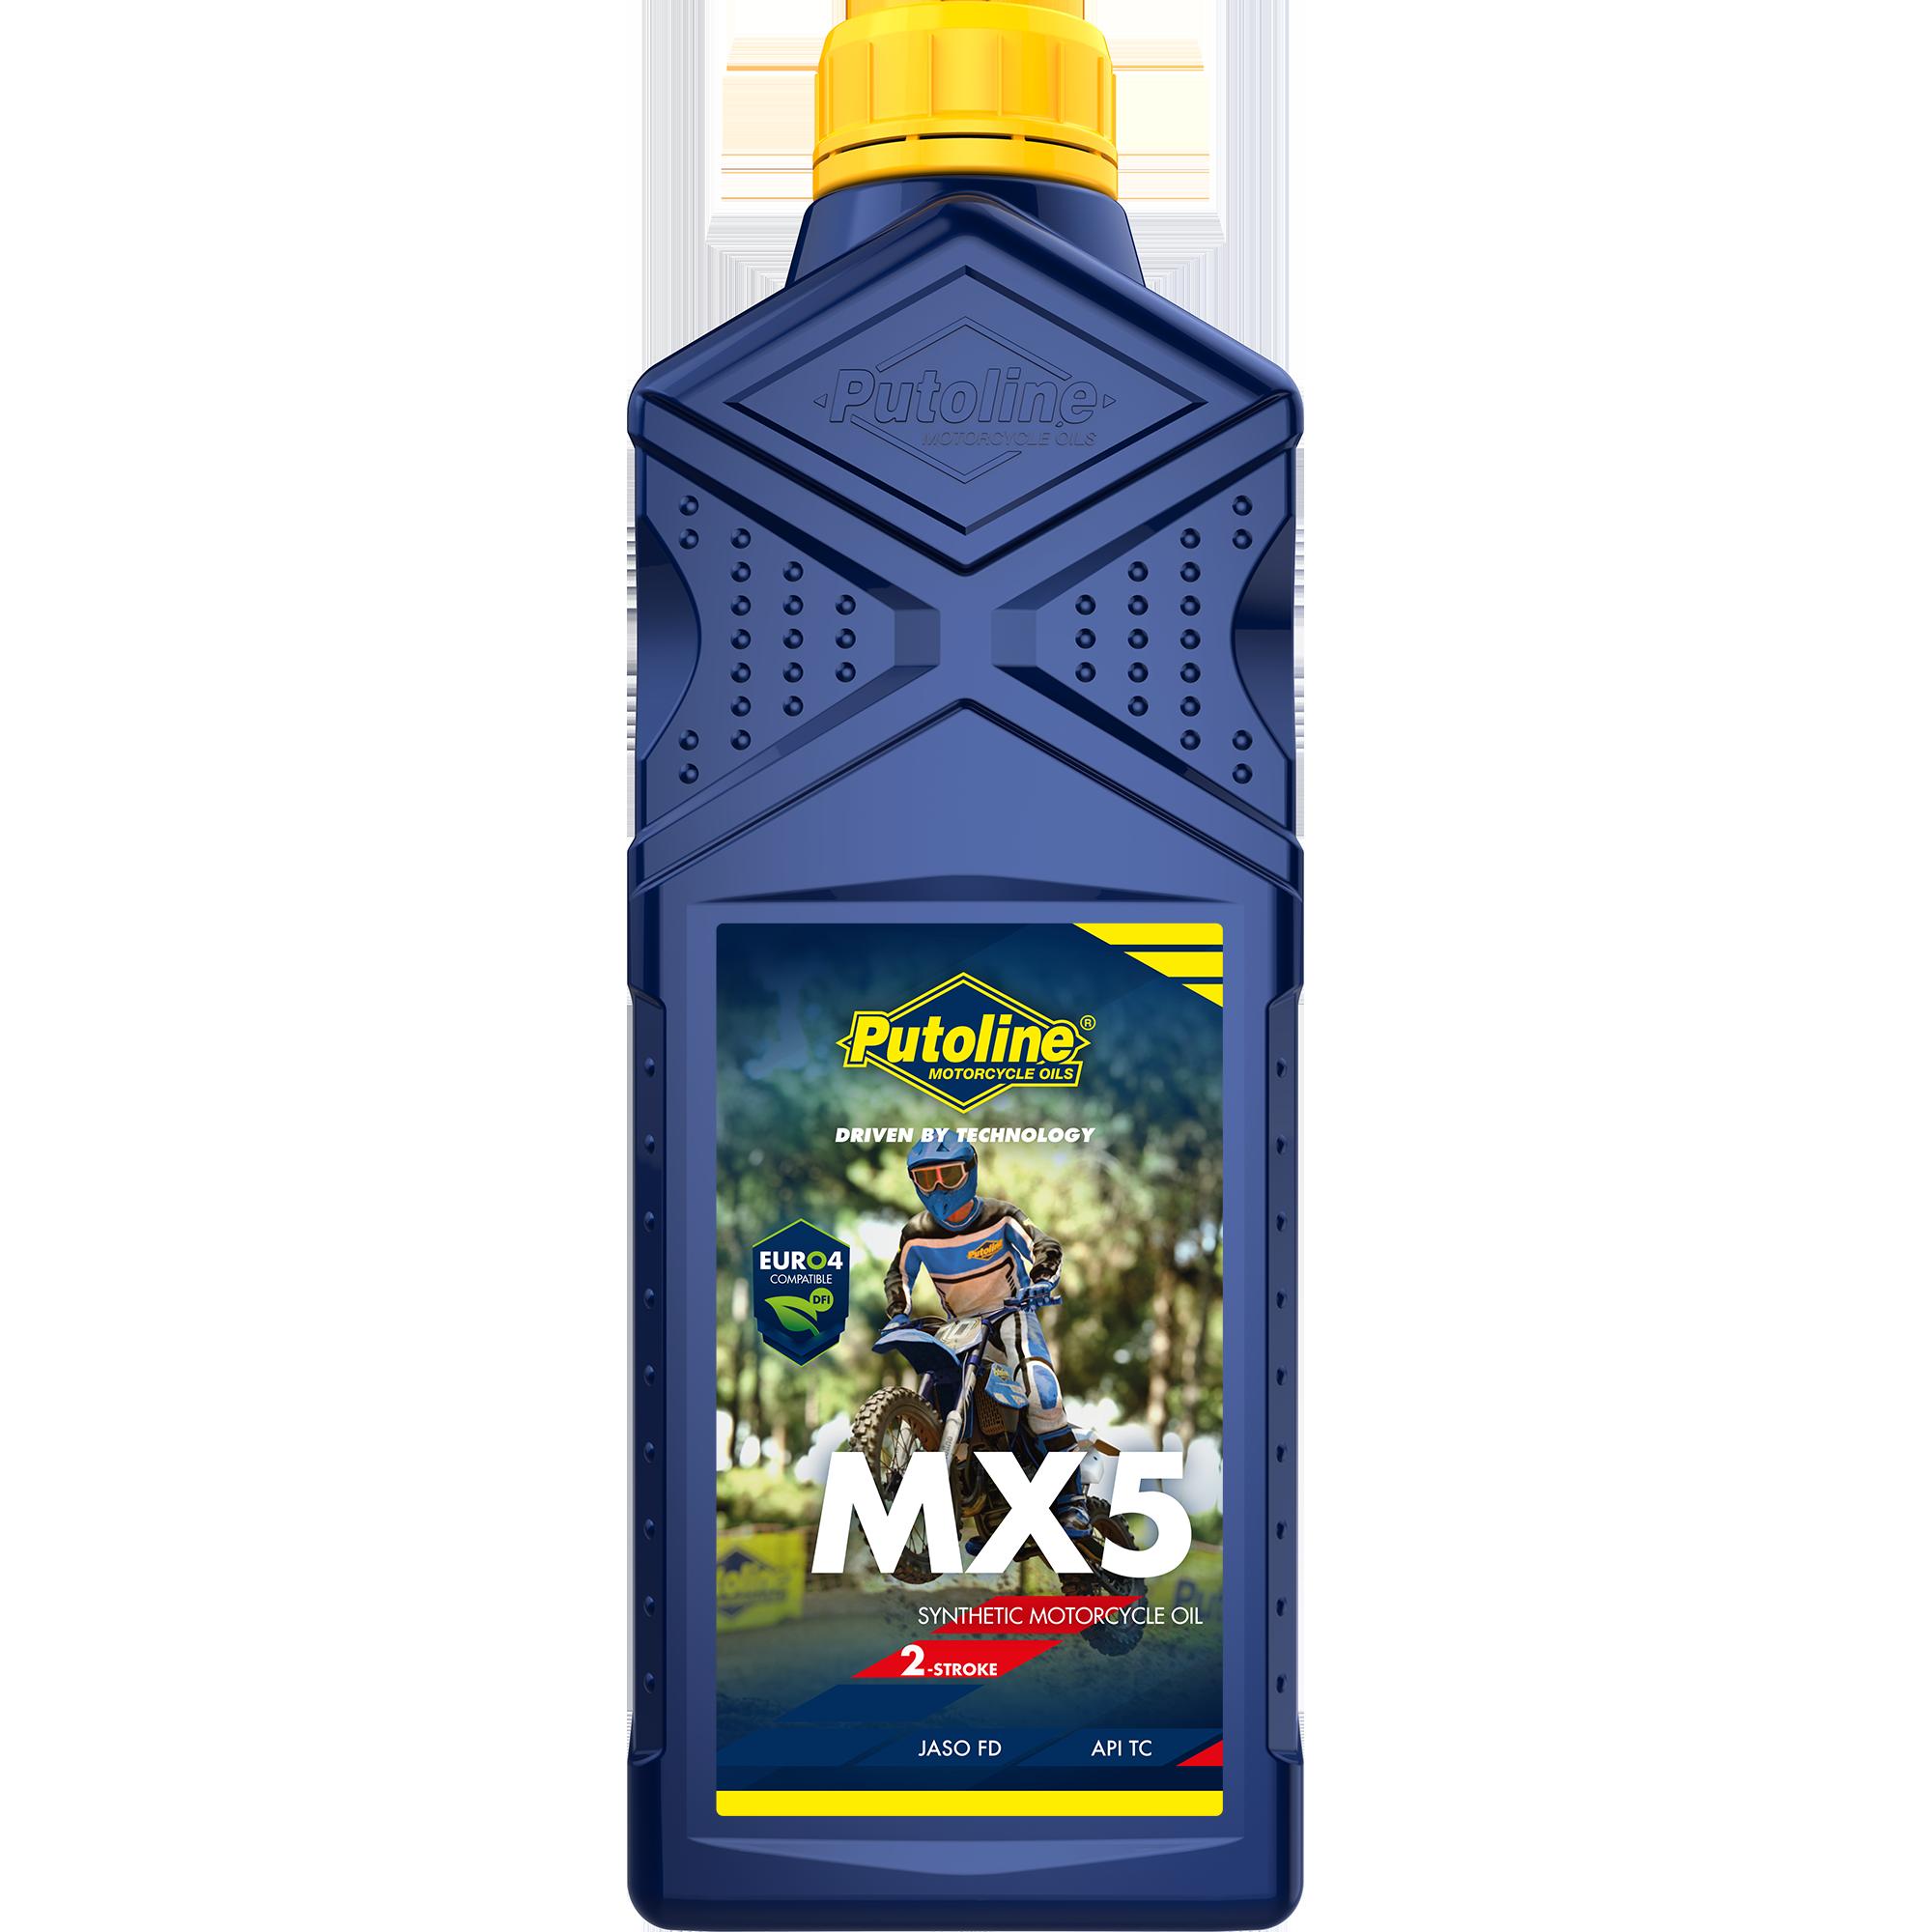 Putoline Motoröl MX5 1L